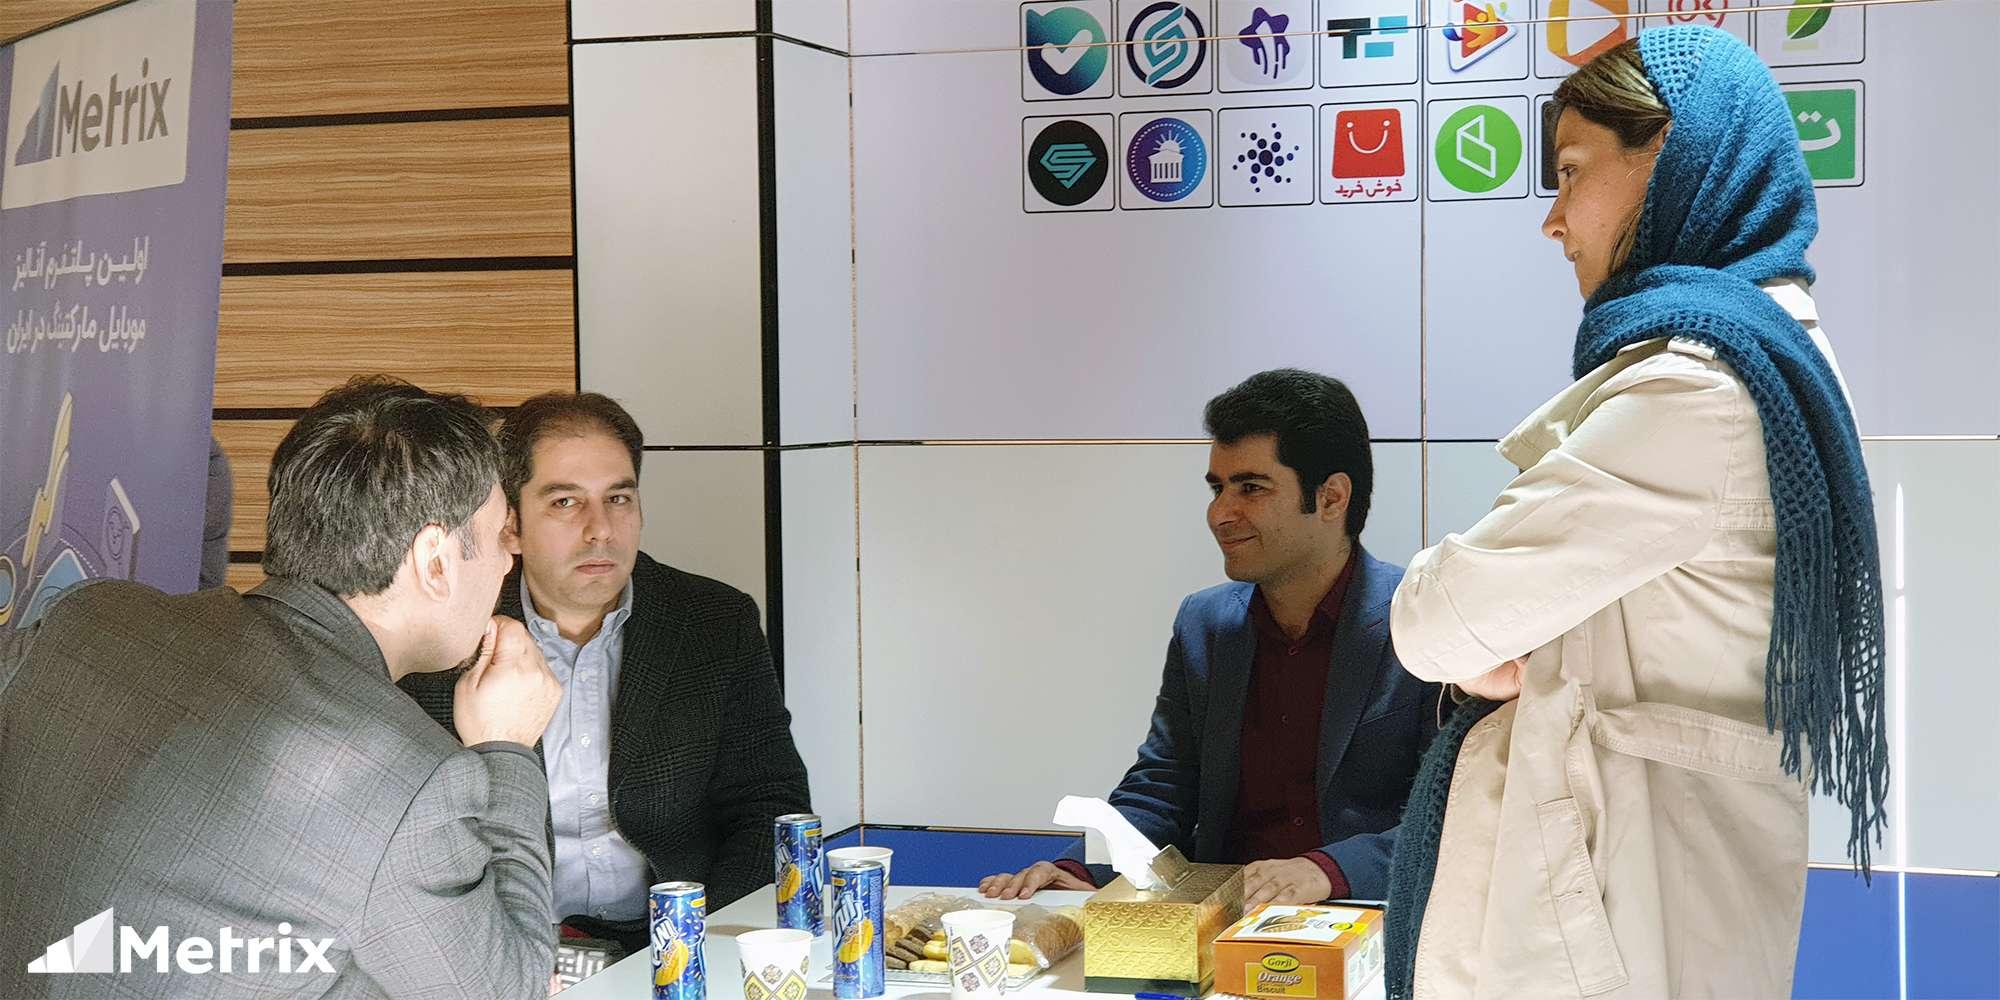 ارتباط با مشتریان در نمایشگاه تراکنش ایران 2019